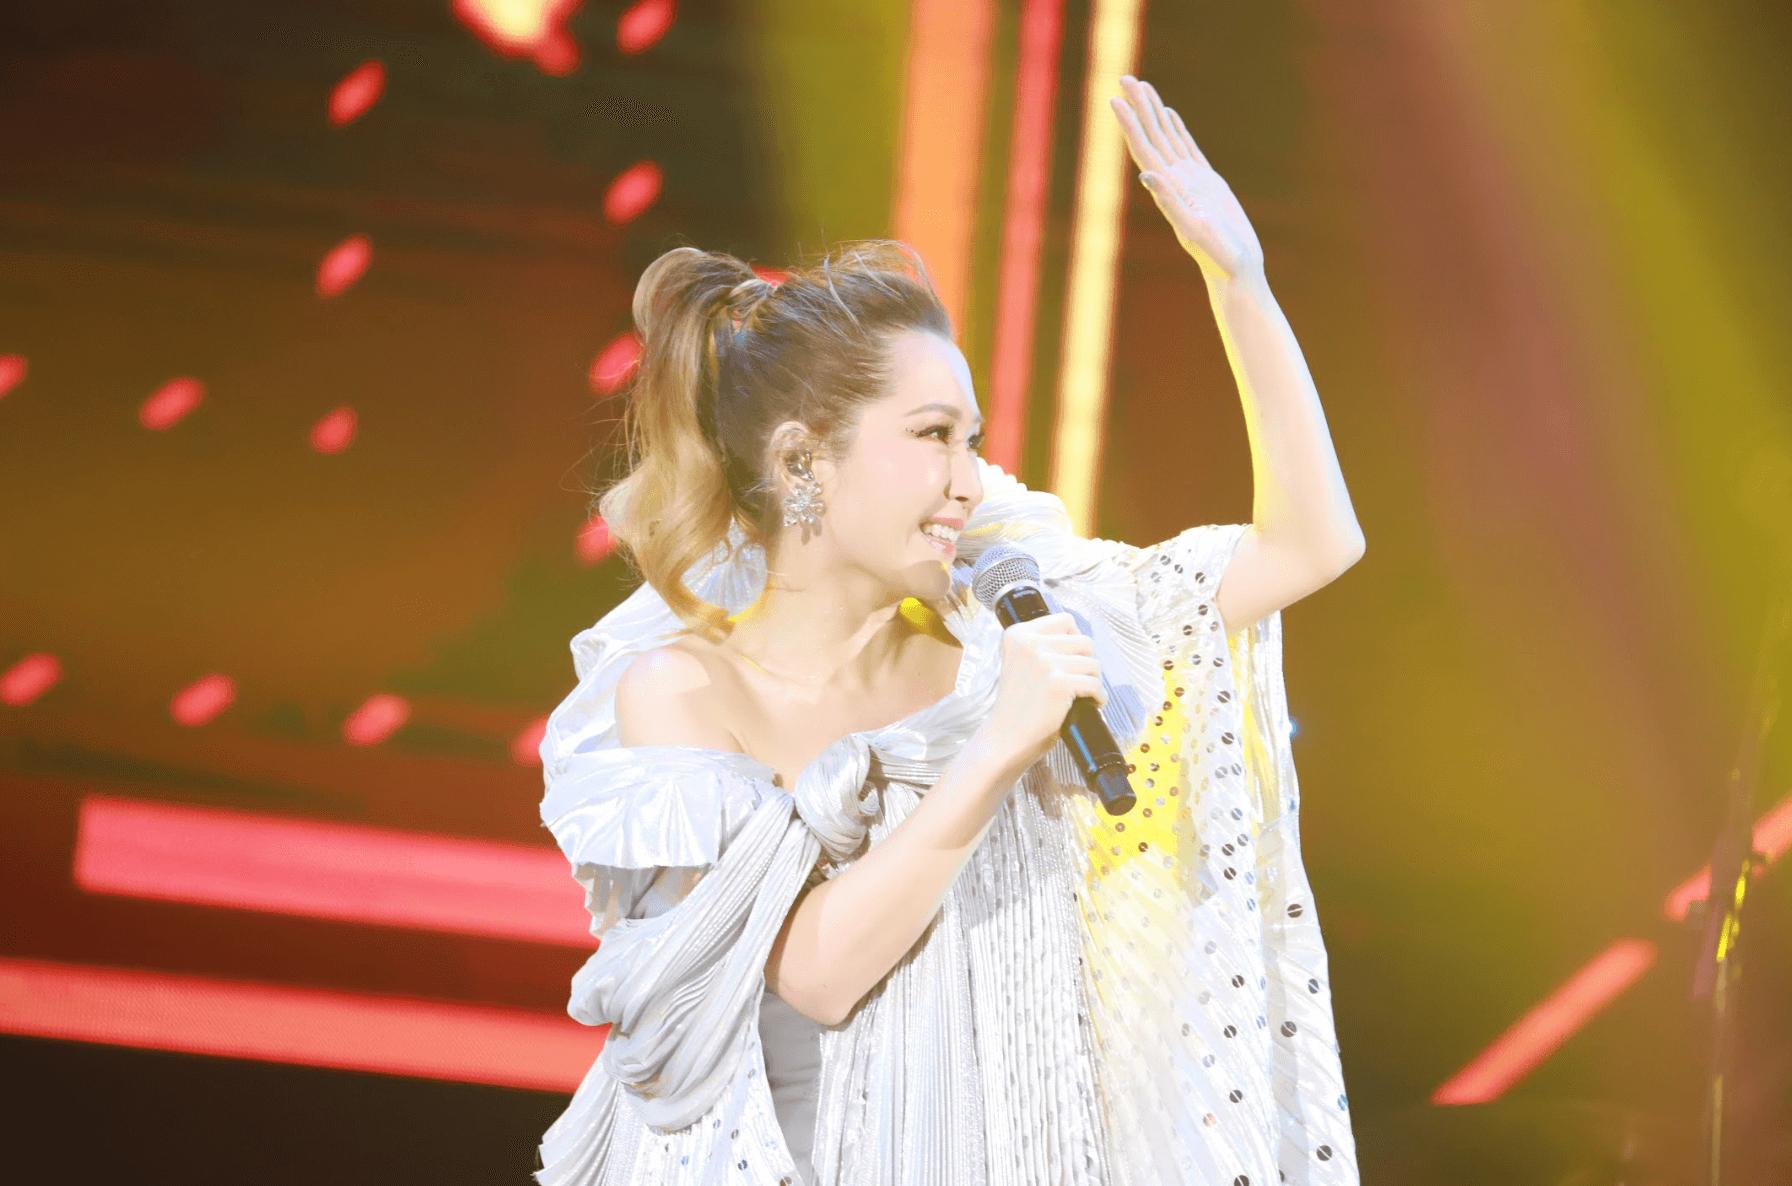 2019年7月15日 明周娛樂 mpweekly巡唱首站 關心妍獲大會送生日驚喜 開騷被歌迷感動變喊包g